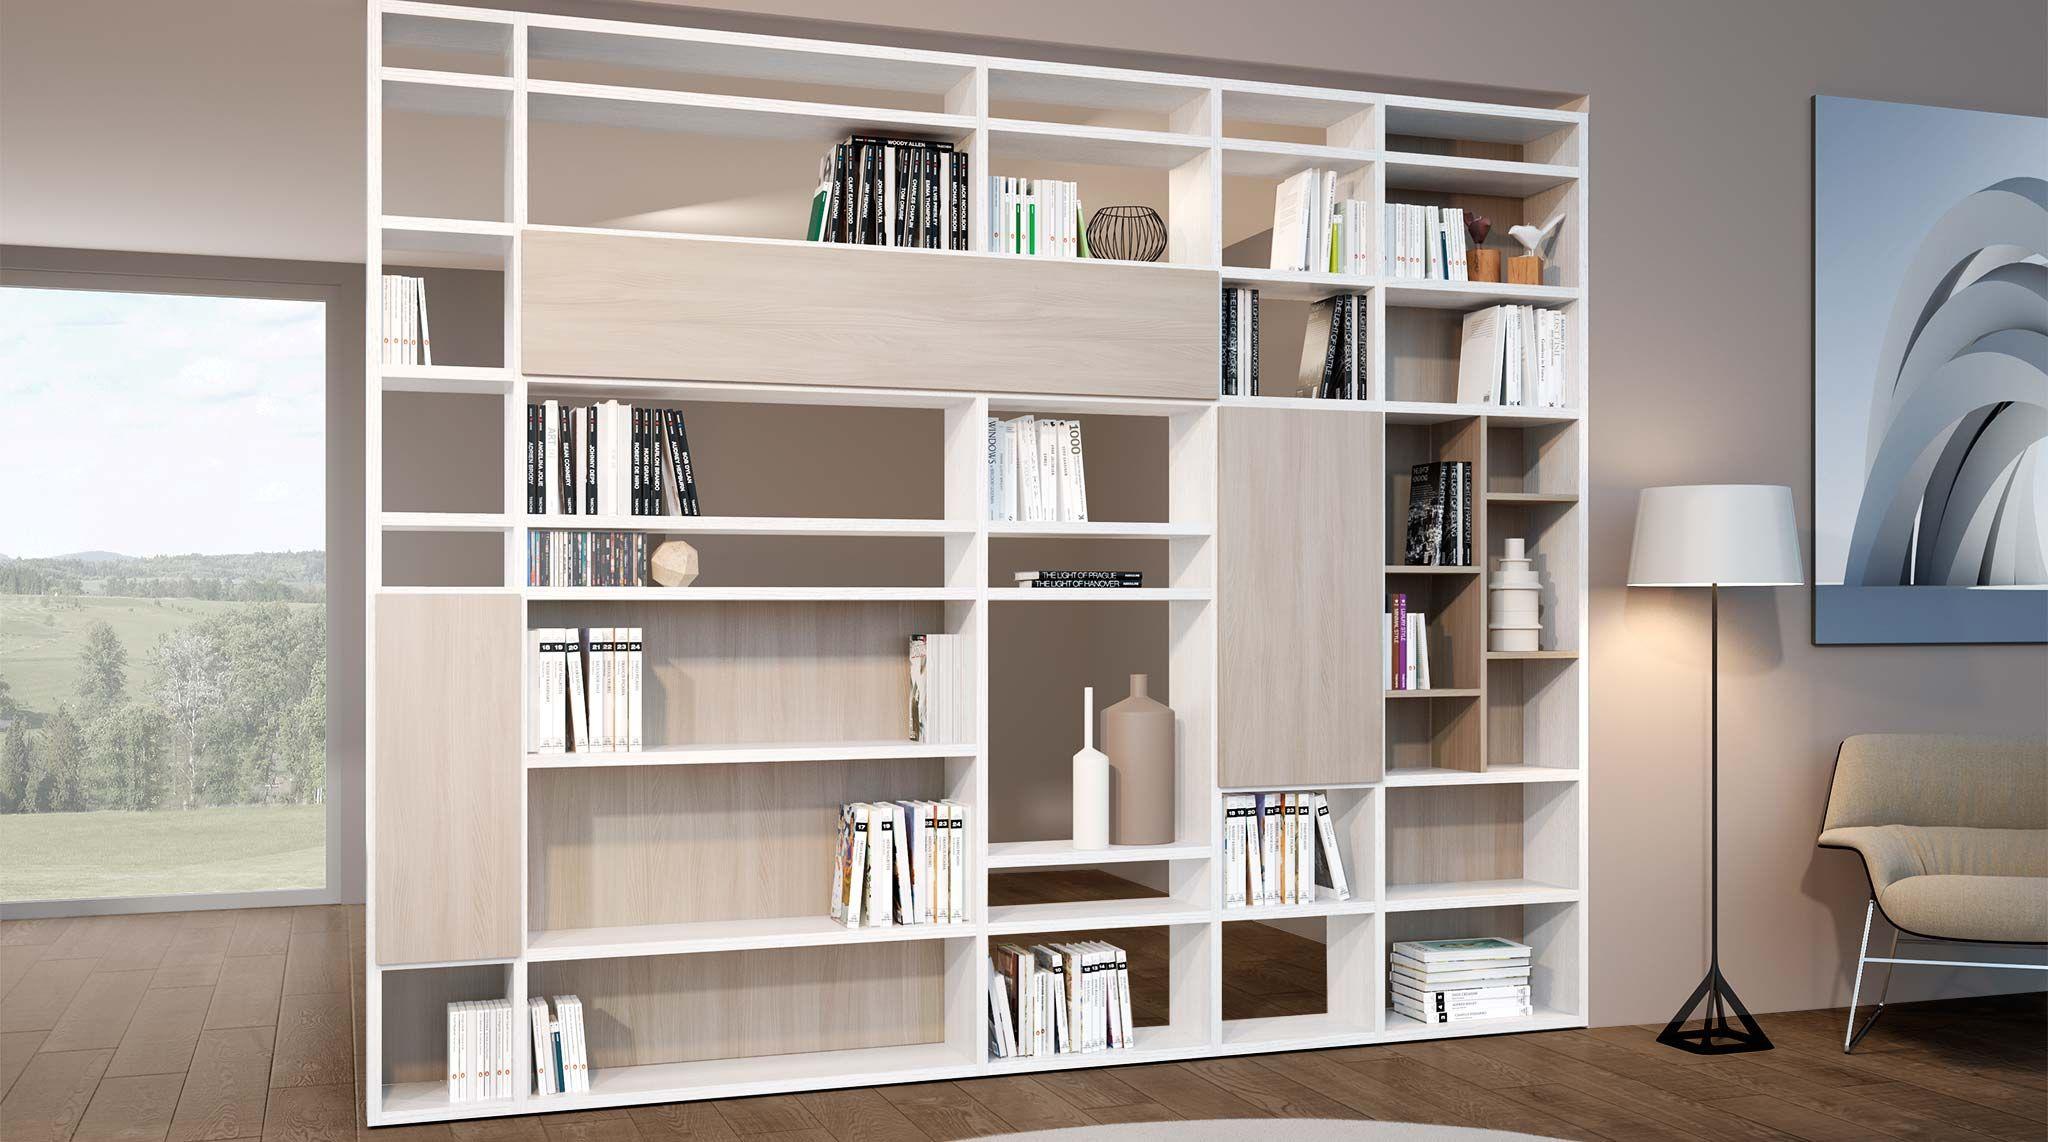 Libreria bifacciale componibile Systema-B | HOME nel 2019 ...